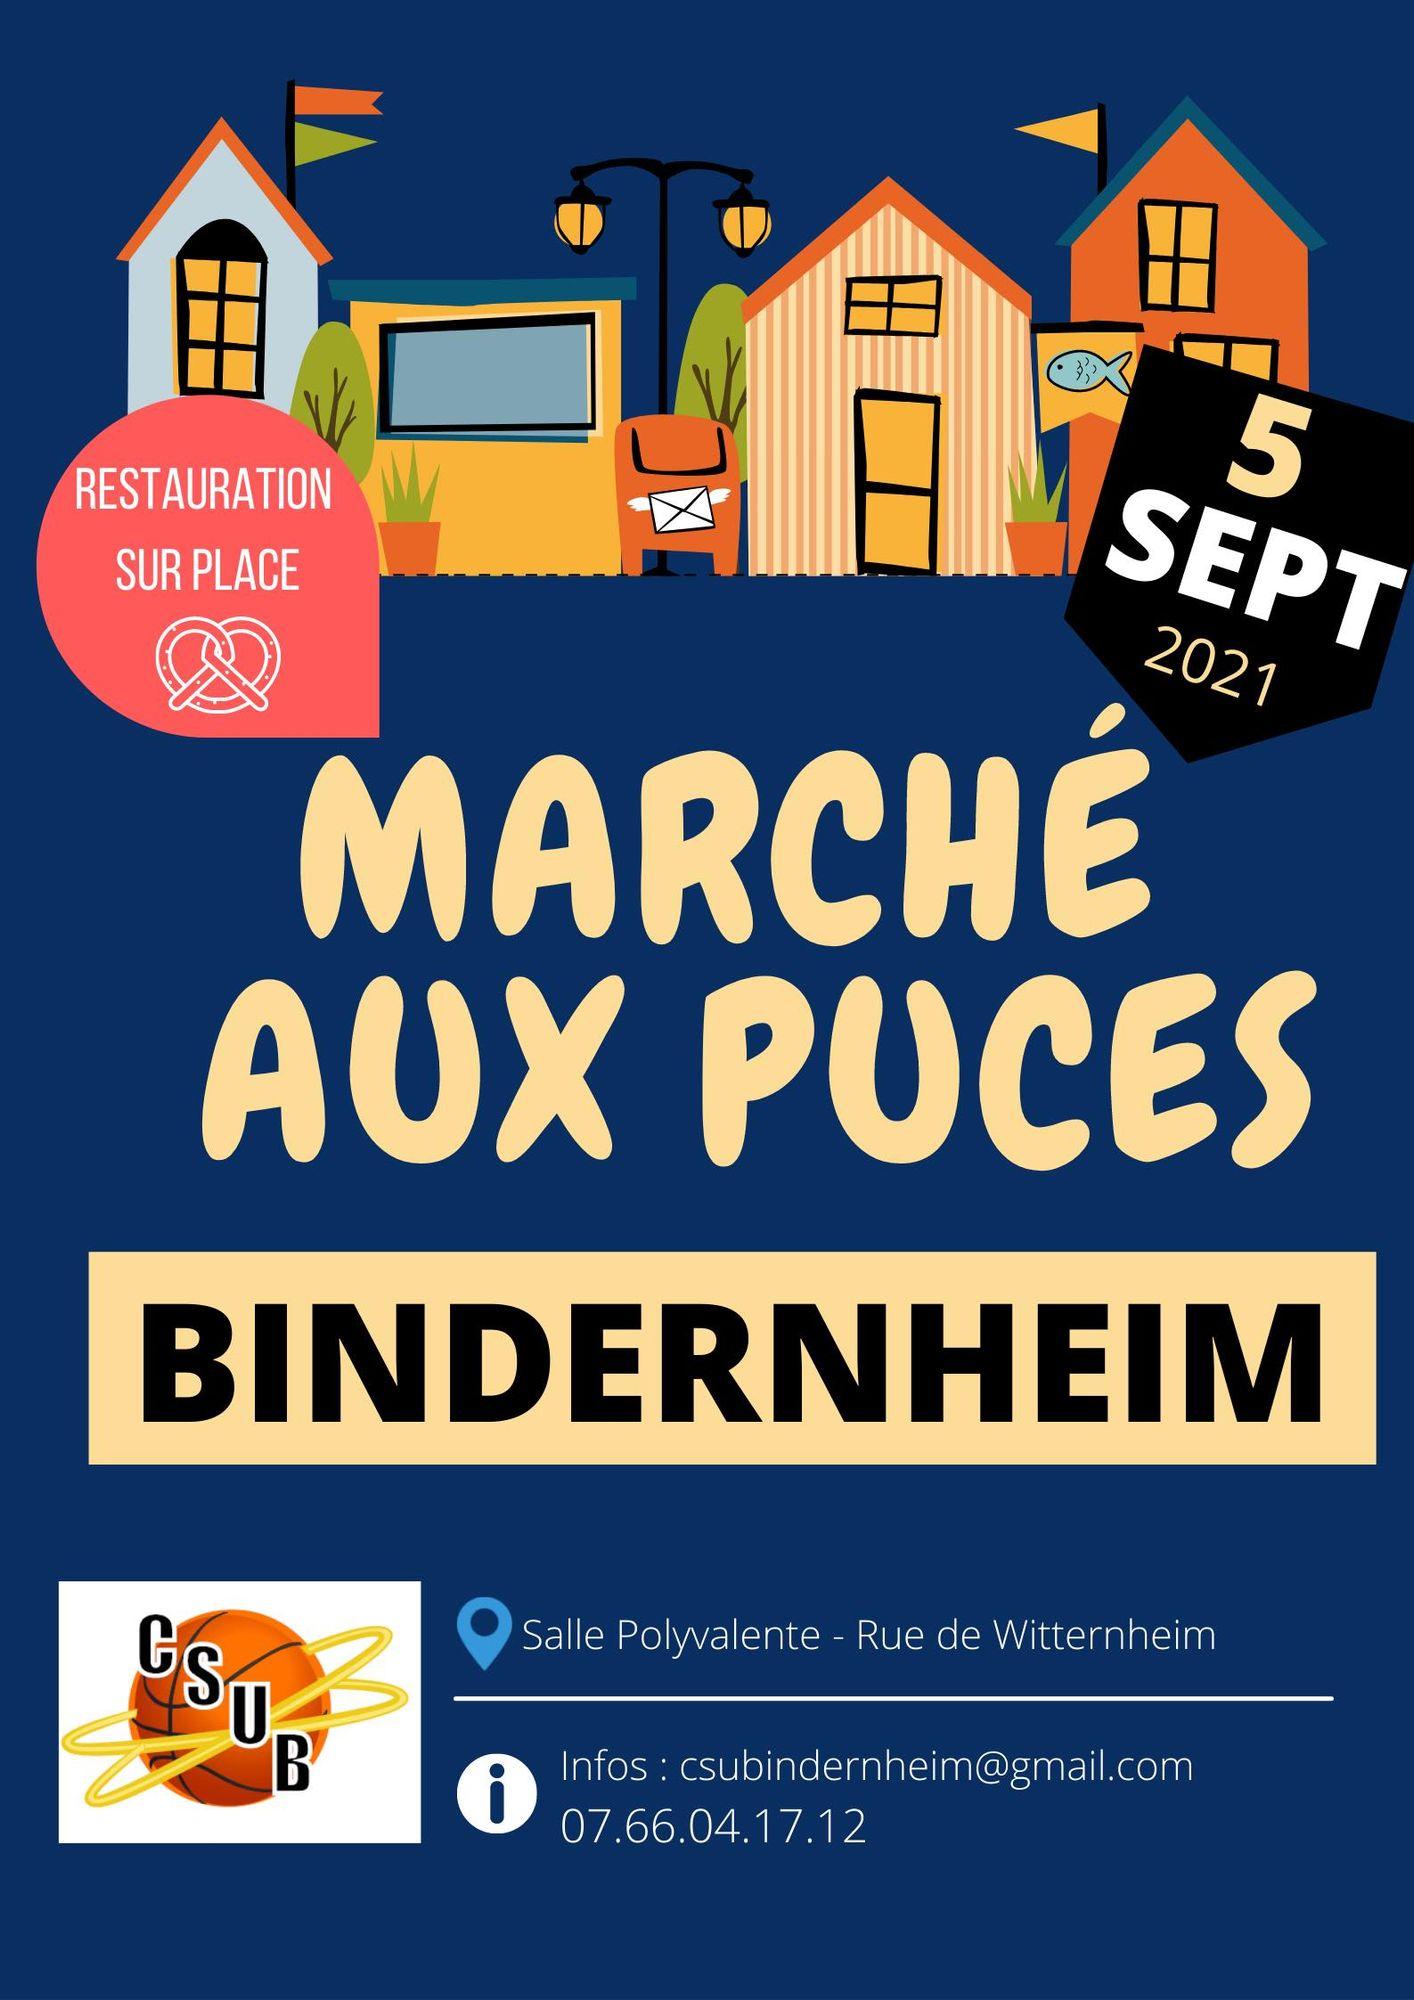 Marché aux puces organisé par le club de basket de Bindernheim